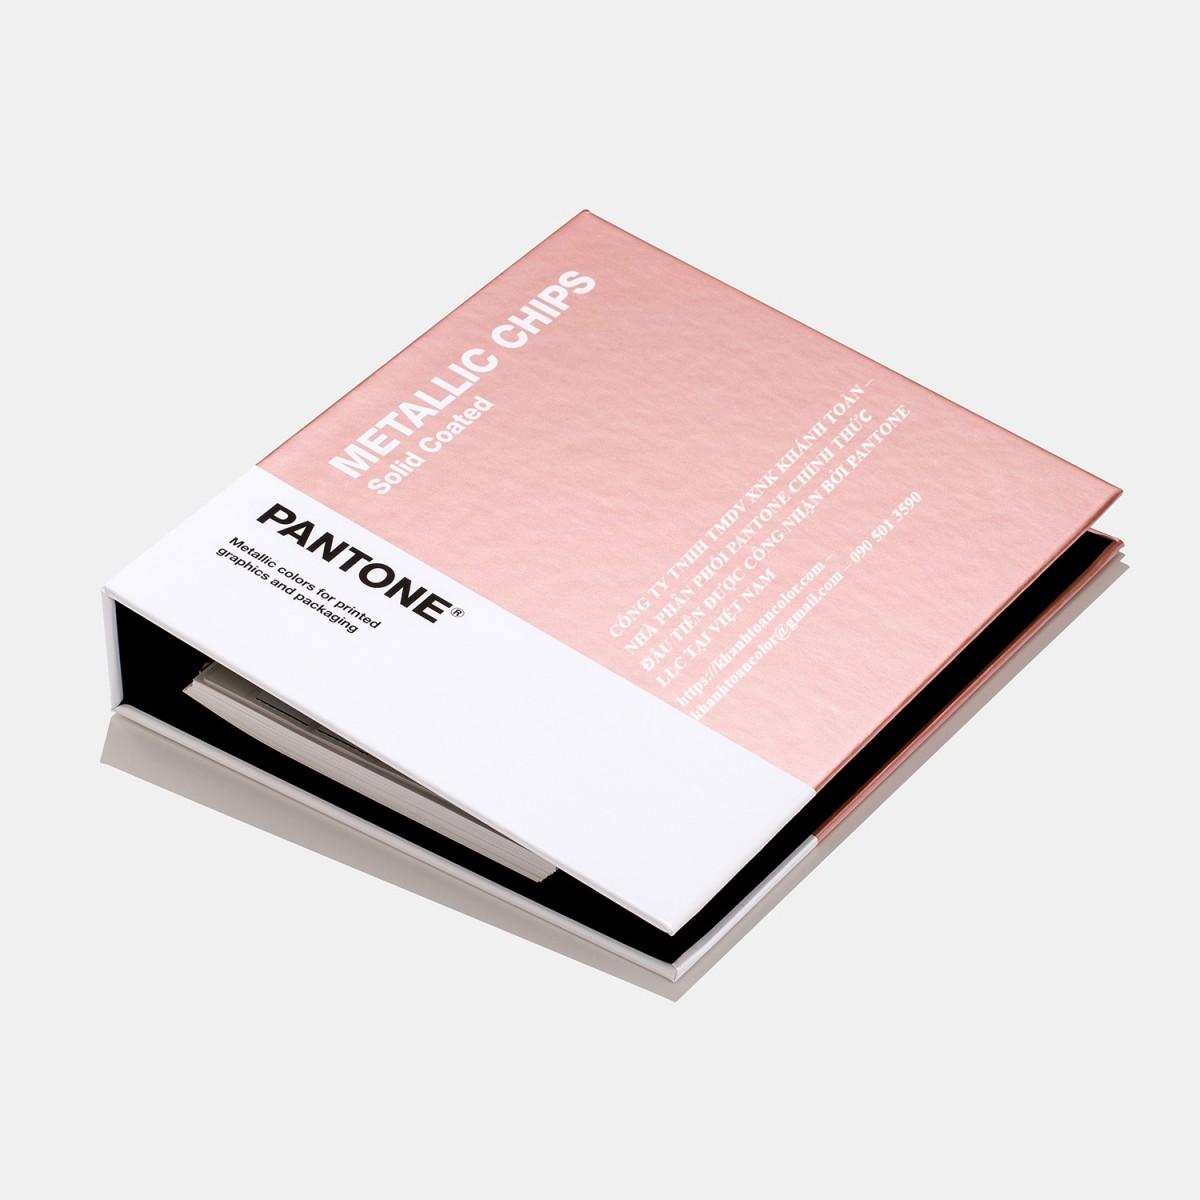 CẤU TẠO CẢU 1 BỘ BẢNG MÀU PANTONE C METALLICS CHIP BOOK GB1507A NĂM 2020